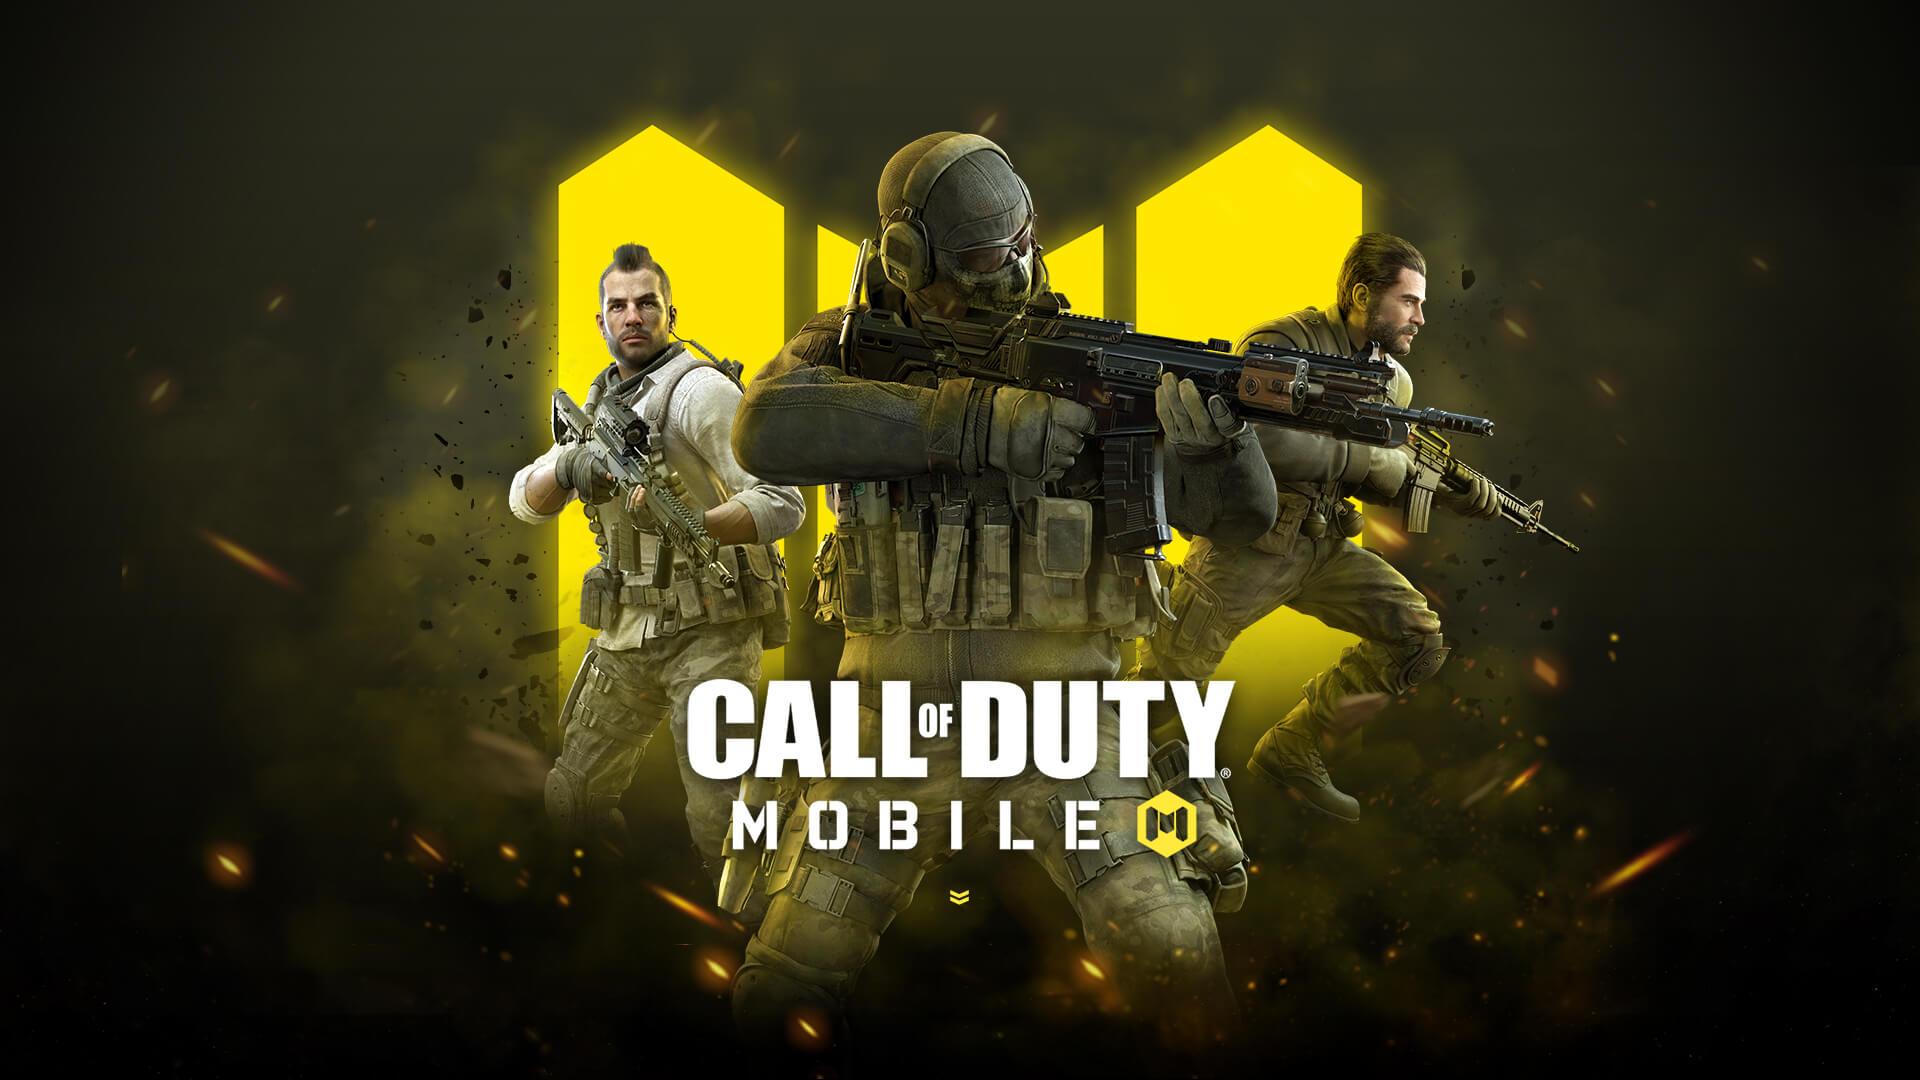 招聘启事显示《使命召唤:战区》或将推出手游版本